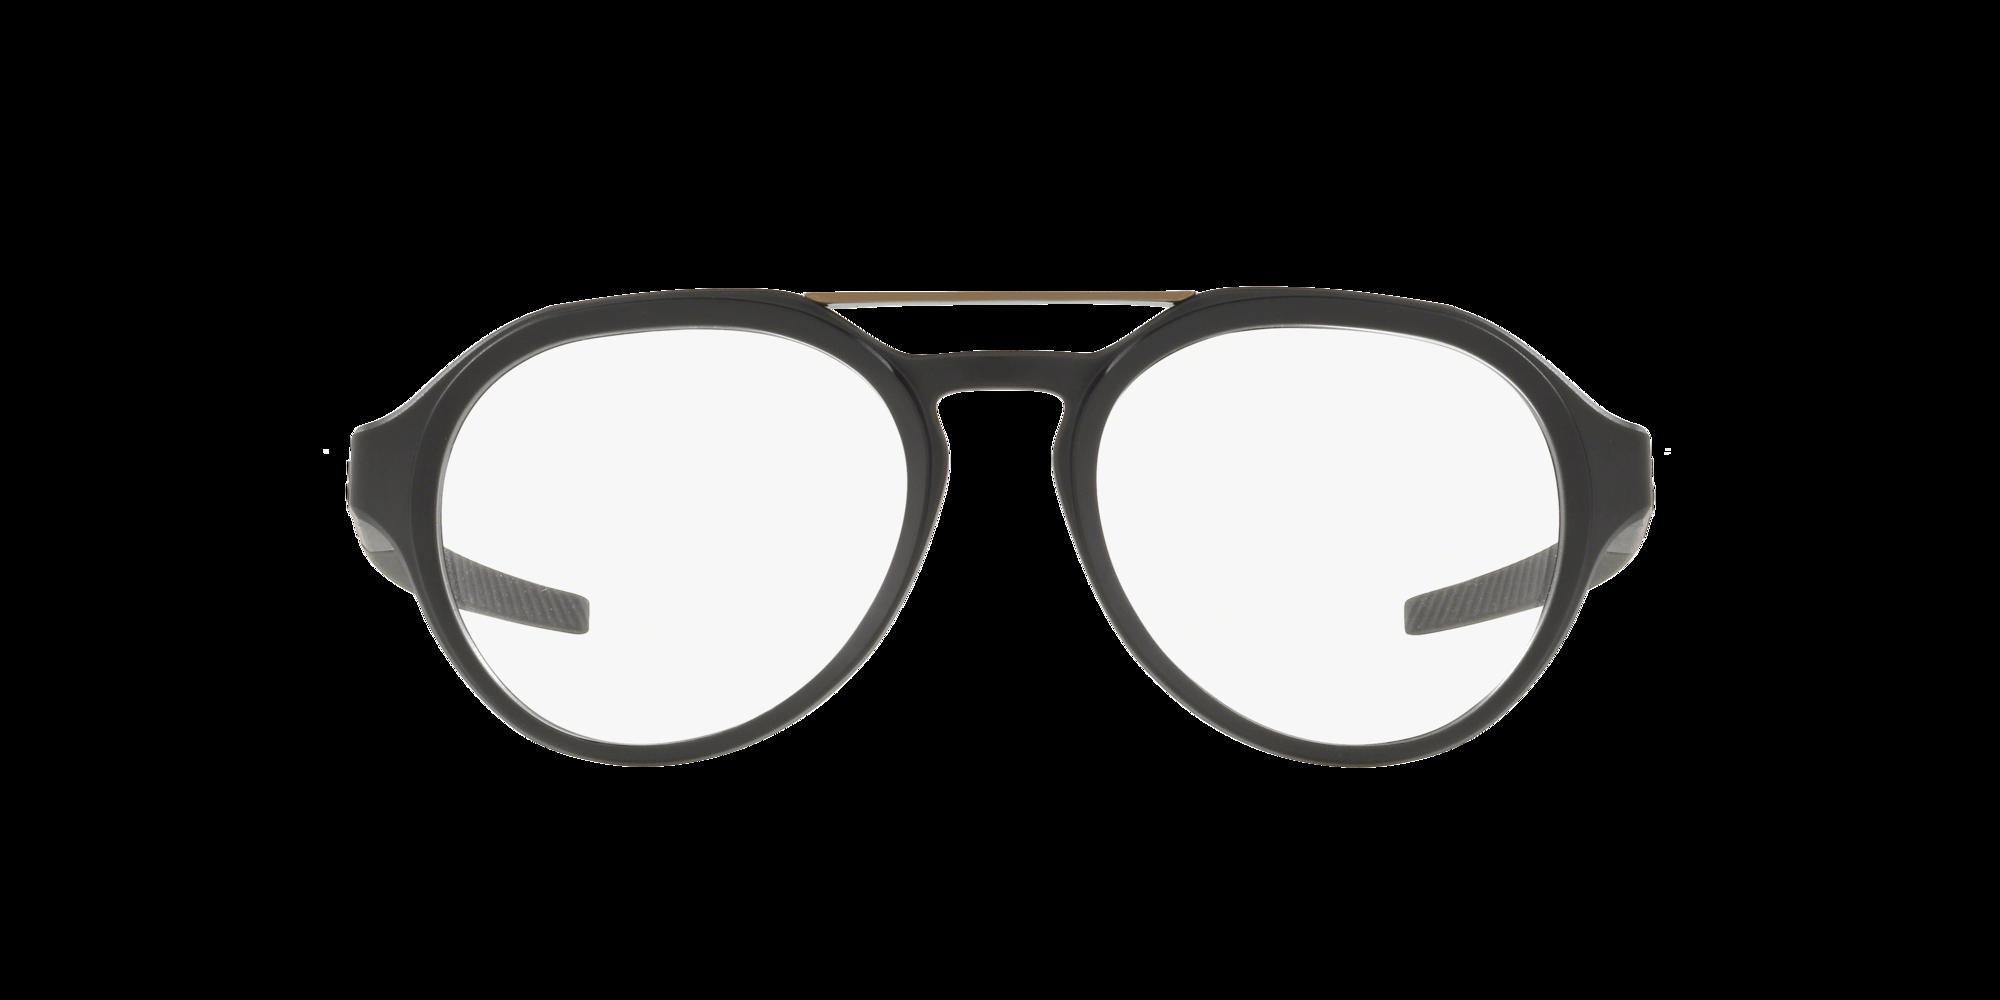 Imagen para OX8151 SCAVENGER de LensCrafters    Espejuelos, espejuelos graduados en línea, gafas